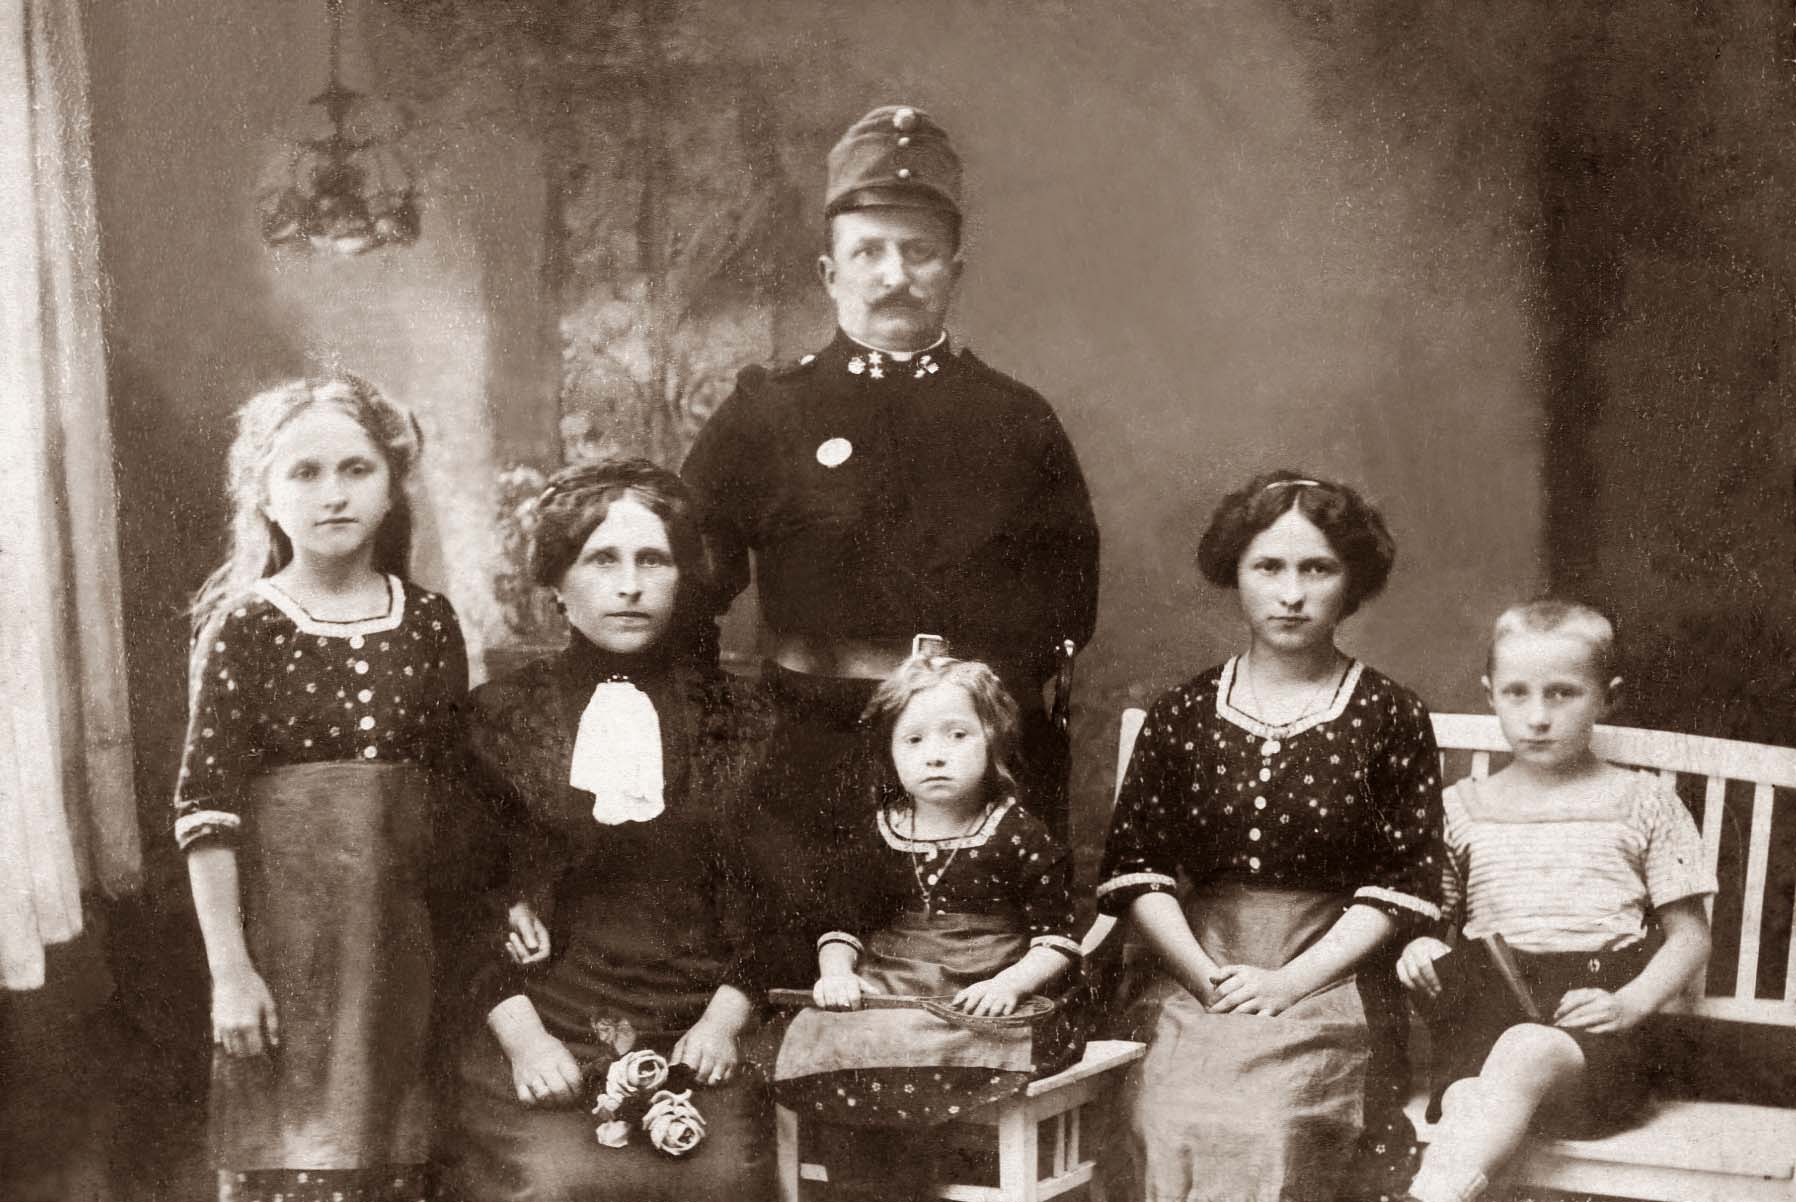 Rudolf Frank (*1876) m. Familie, Antonia Juliana F. (*1903), Ehefrau Cecilia, geb. Bahrmann, Amalia F. (*1610), Martha Juliana F. (*1897), Rudolf F. (*1904) v.l.n.r.